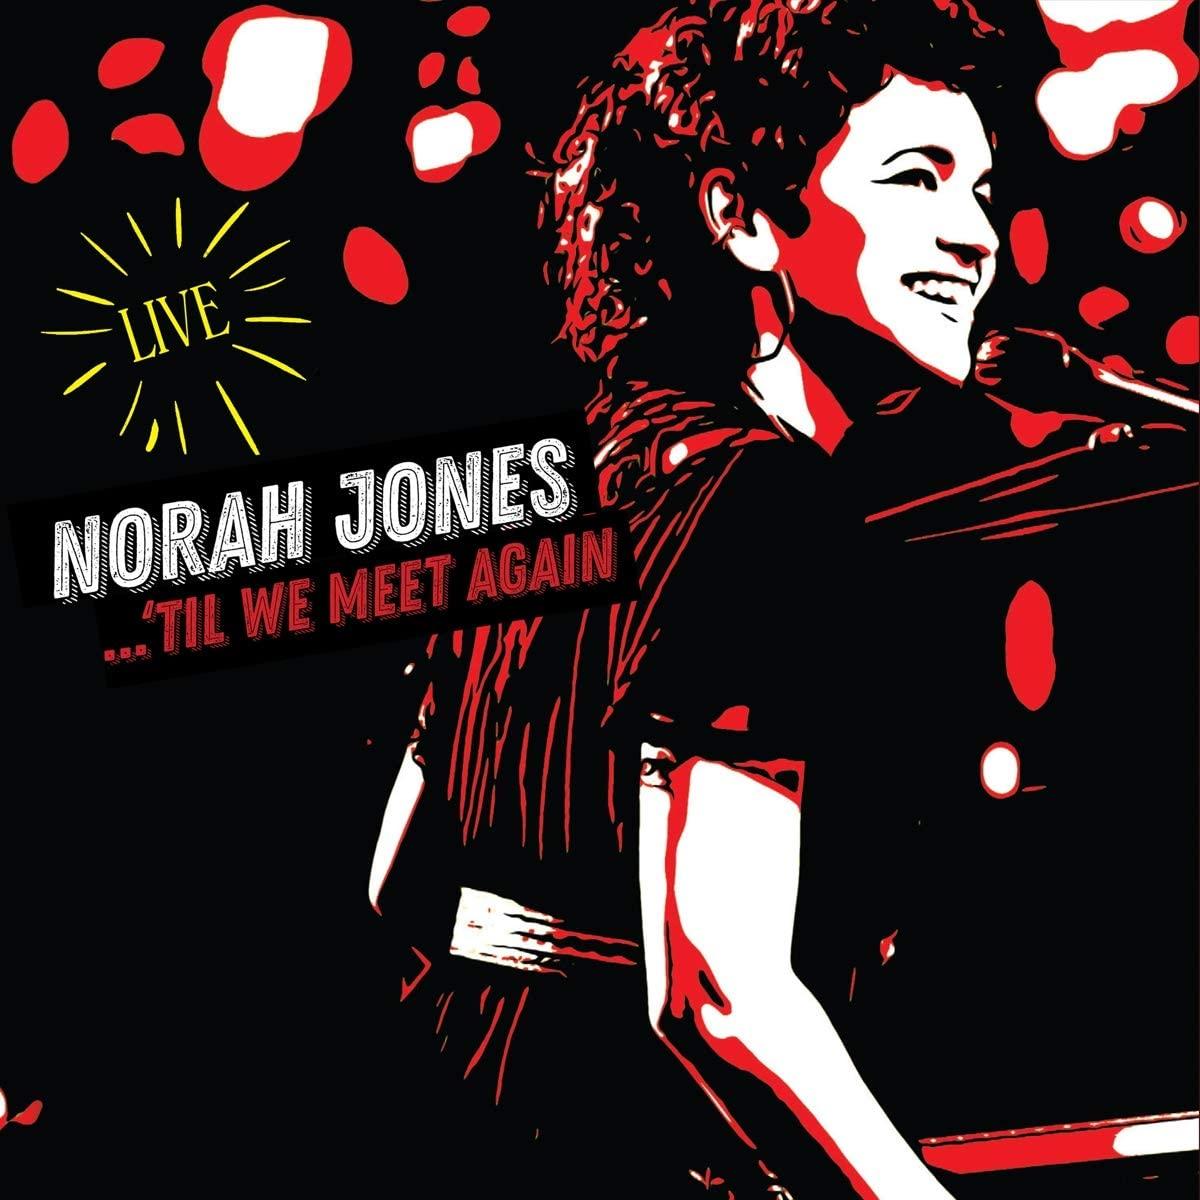 Copertina Vinile 33 giri 'Til We Meet Again [2 LP] di Norah Jones